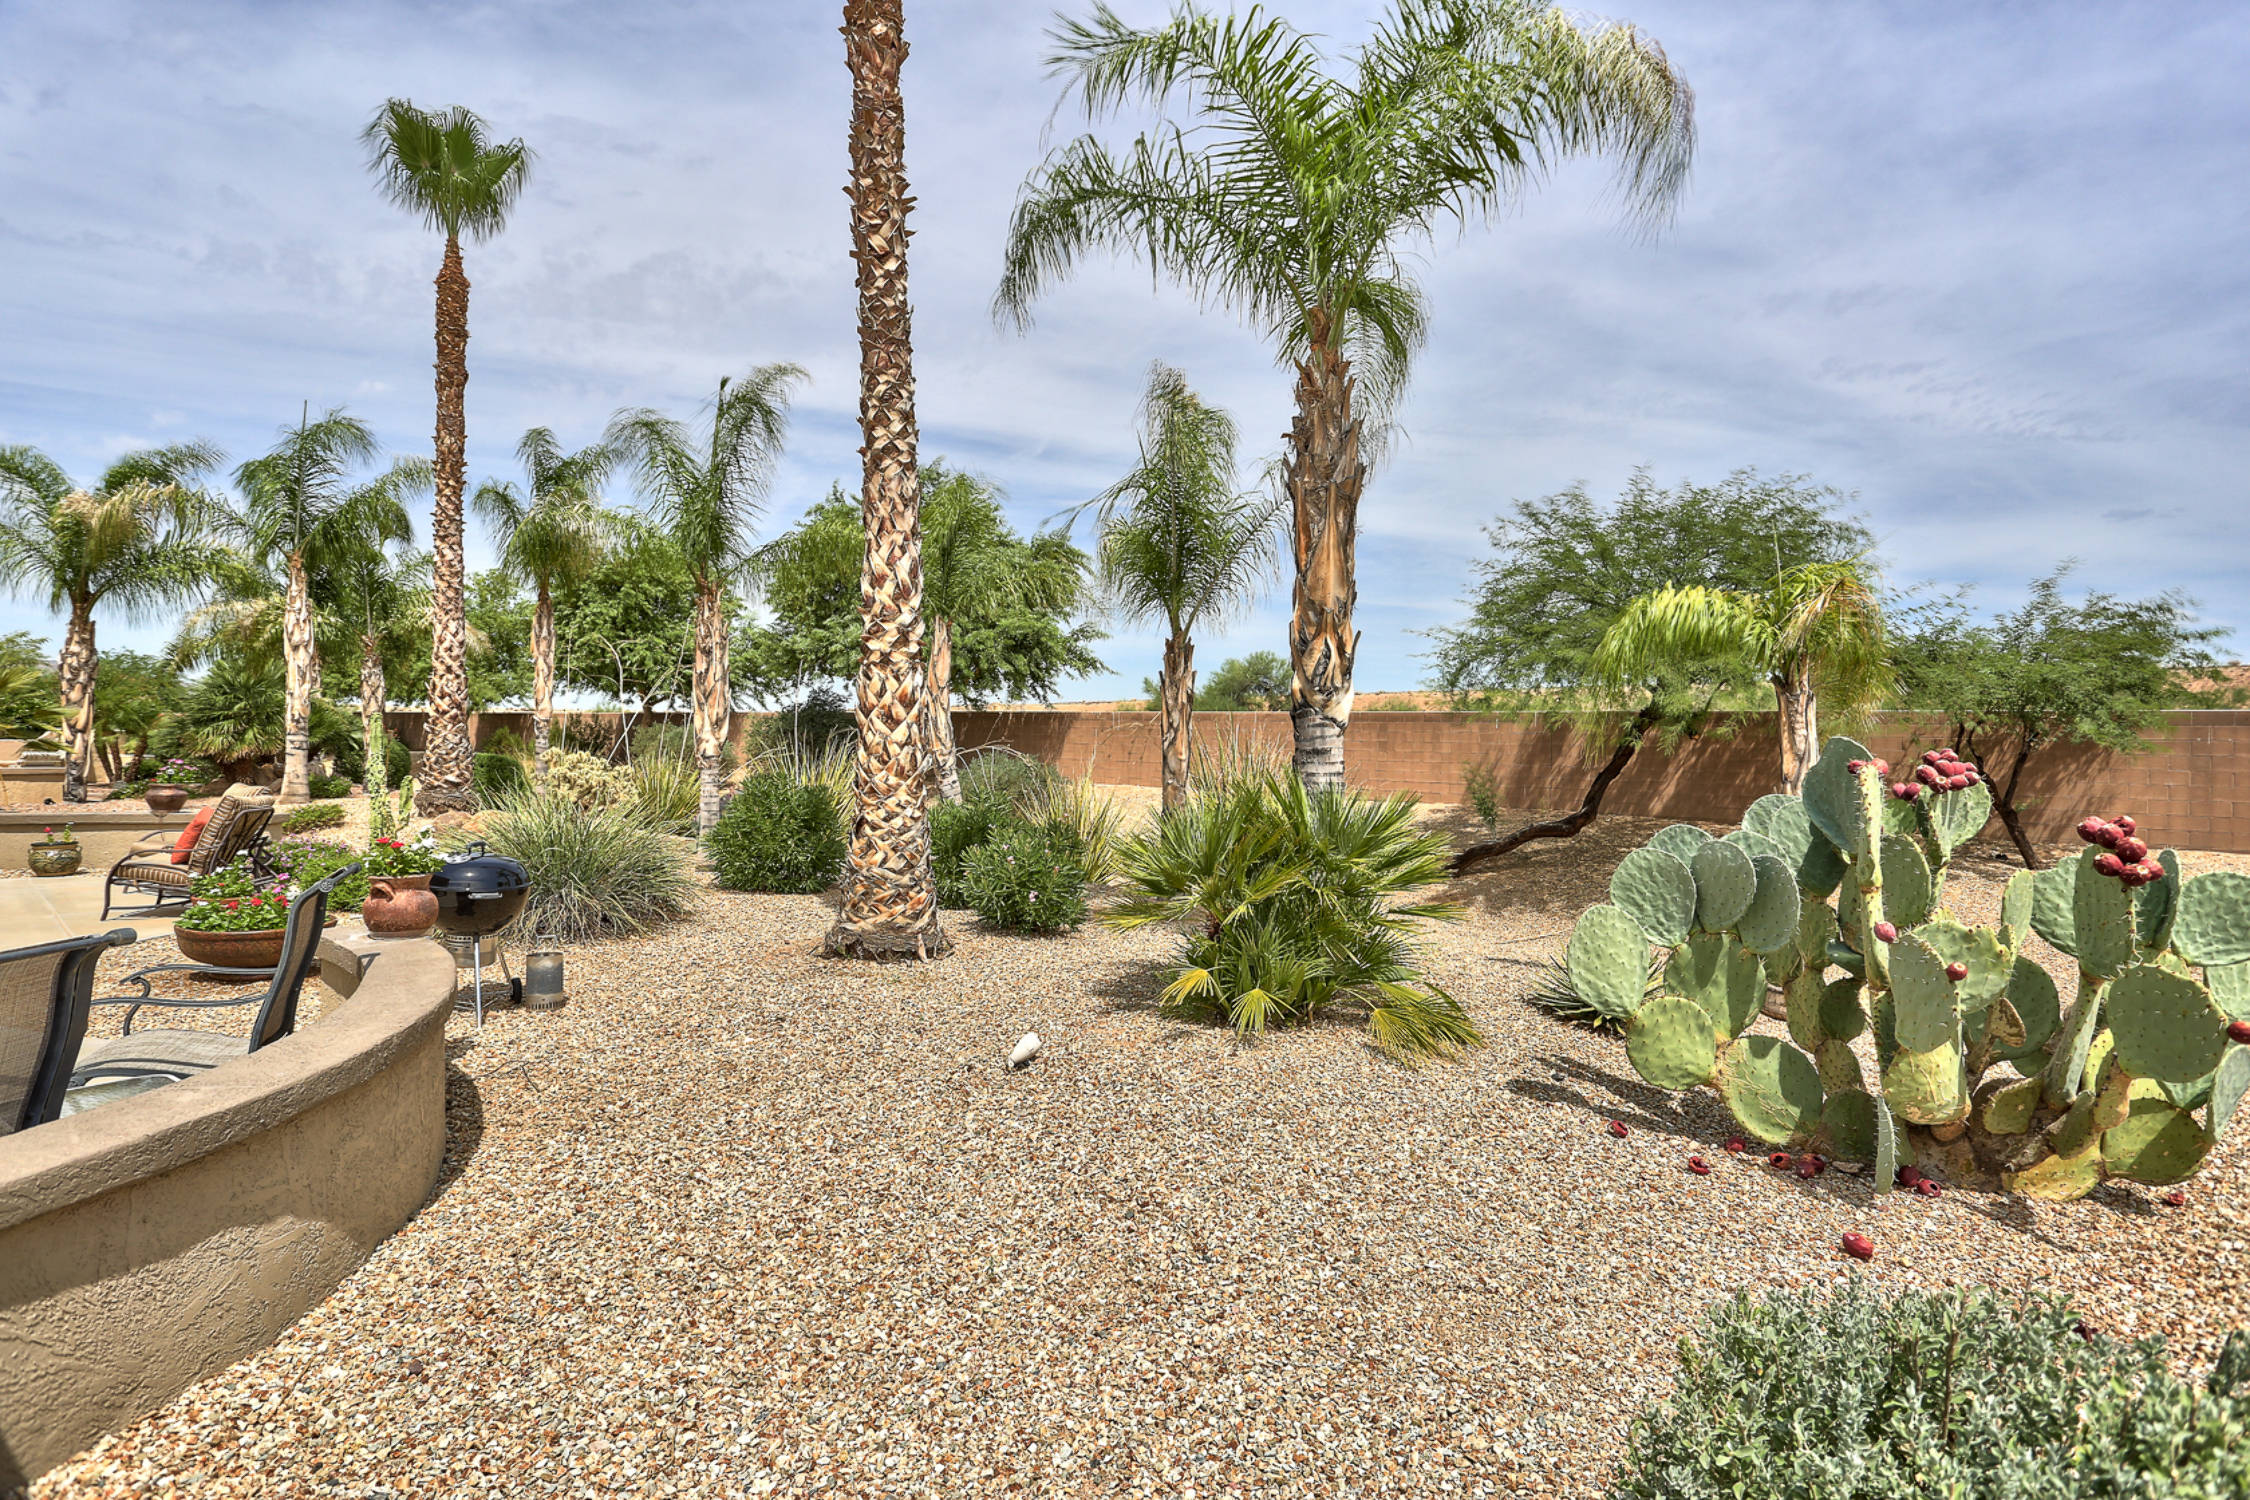 18838 N Cactus Flower Way, Surprise Arizona